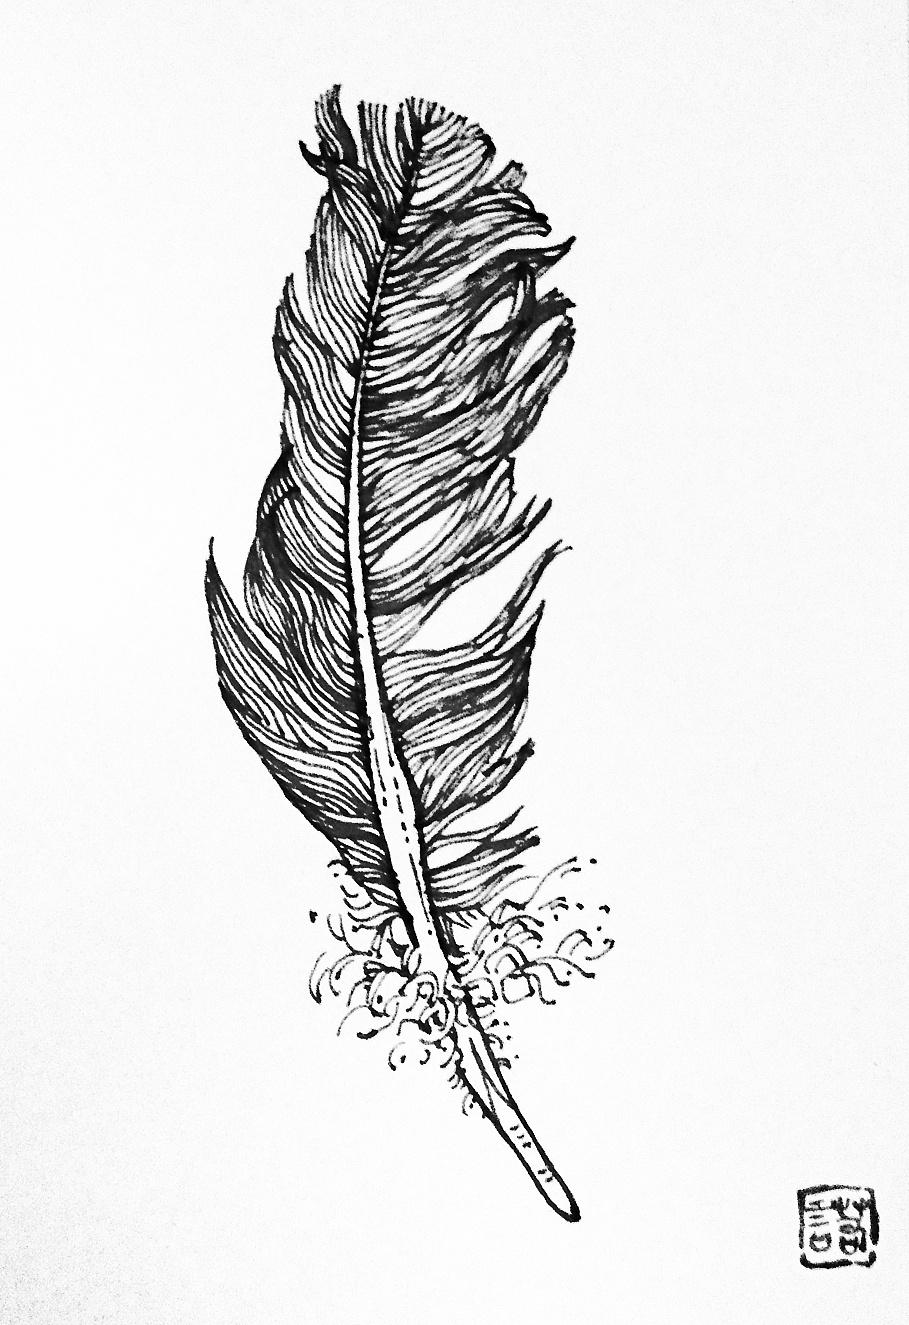 已寄送的手绘明信片|纯艺术|钢笔画|支葵 - 原创作品